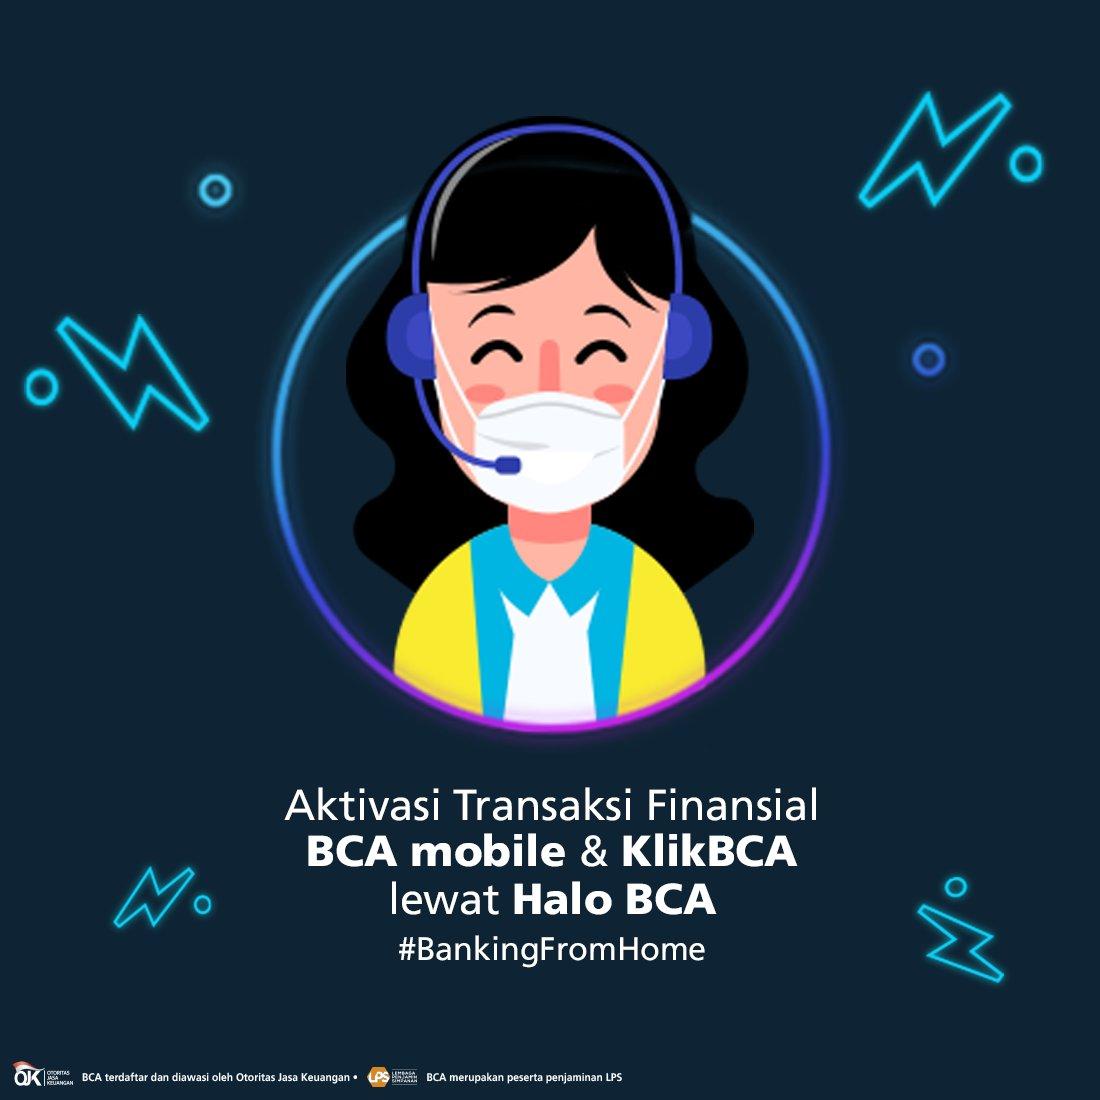 Punya BCA mobile & KlikBCA tapi cuma bisa cek saldo? Itu artinya 'Fitur Finansial' BCA mobile & KlikBCA Anda belum aktif. Anda bisa aktivasi Fitur Finansial #DiRumahAja lewat Halo BCA di 1500888 sampai 31 Juli 2020! #BankingFromHome Info https://t.co/4rWL90me2i https://t.co/7ceNpLEv6t